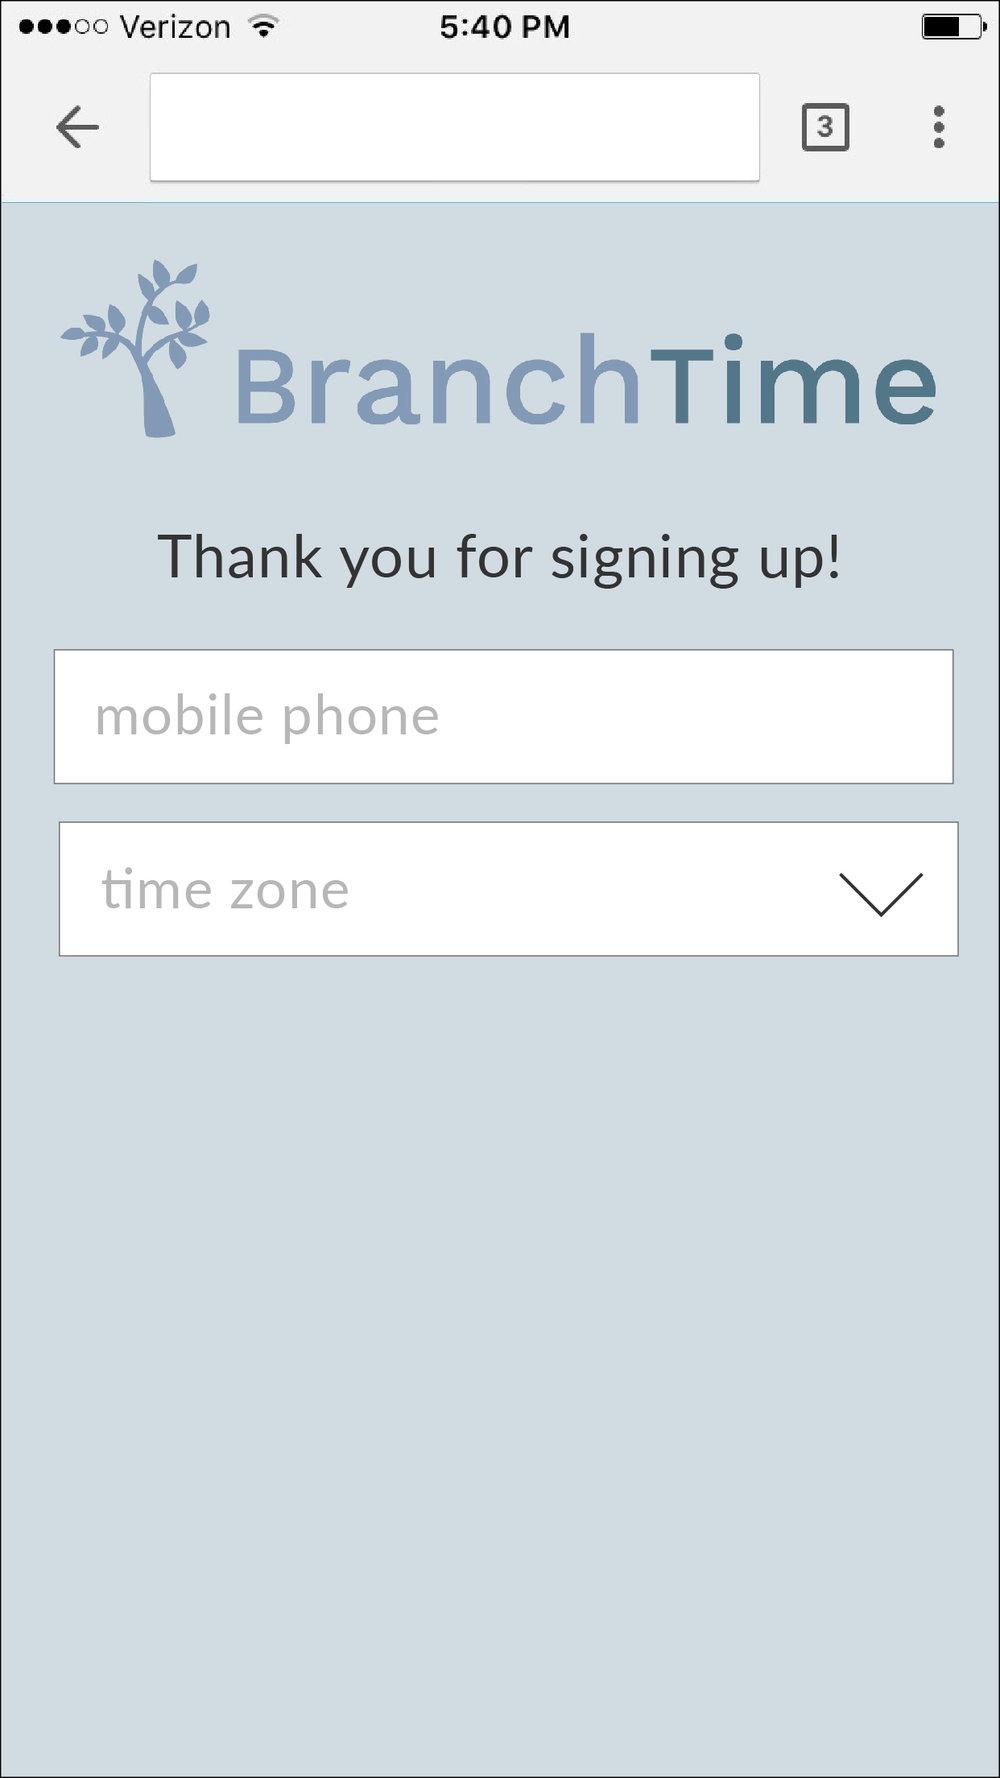 Branchtime-UI-Draft-04-12-16_2.jpg